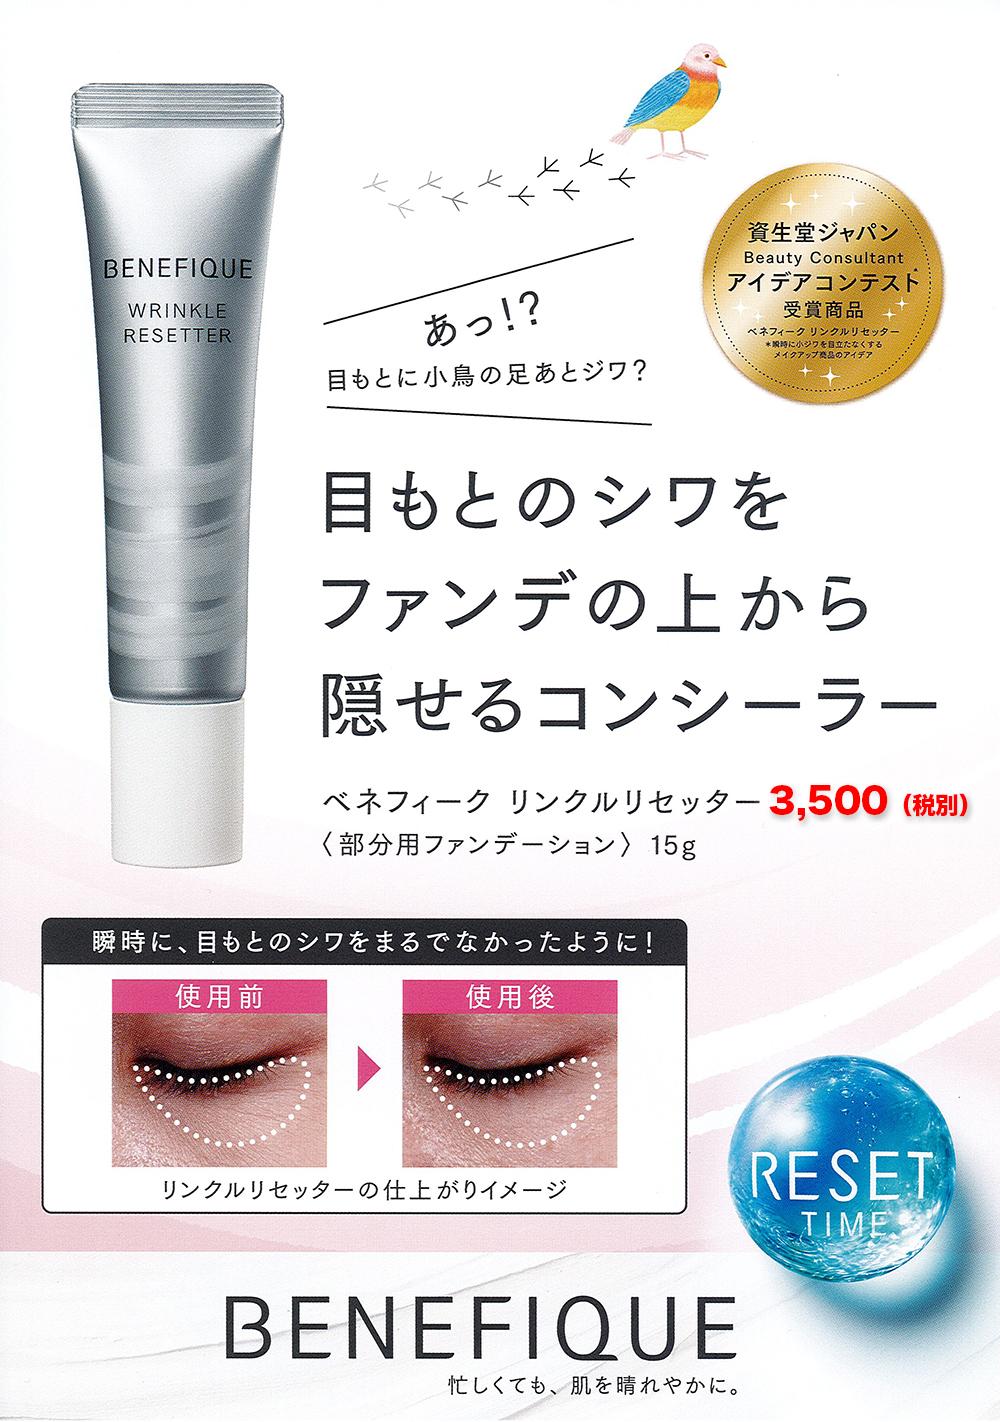 イナバ化粧品店 リンクルリセッター